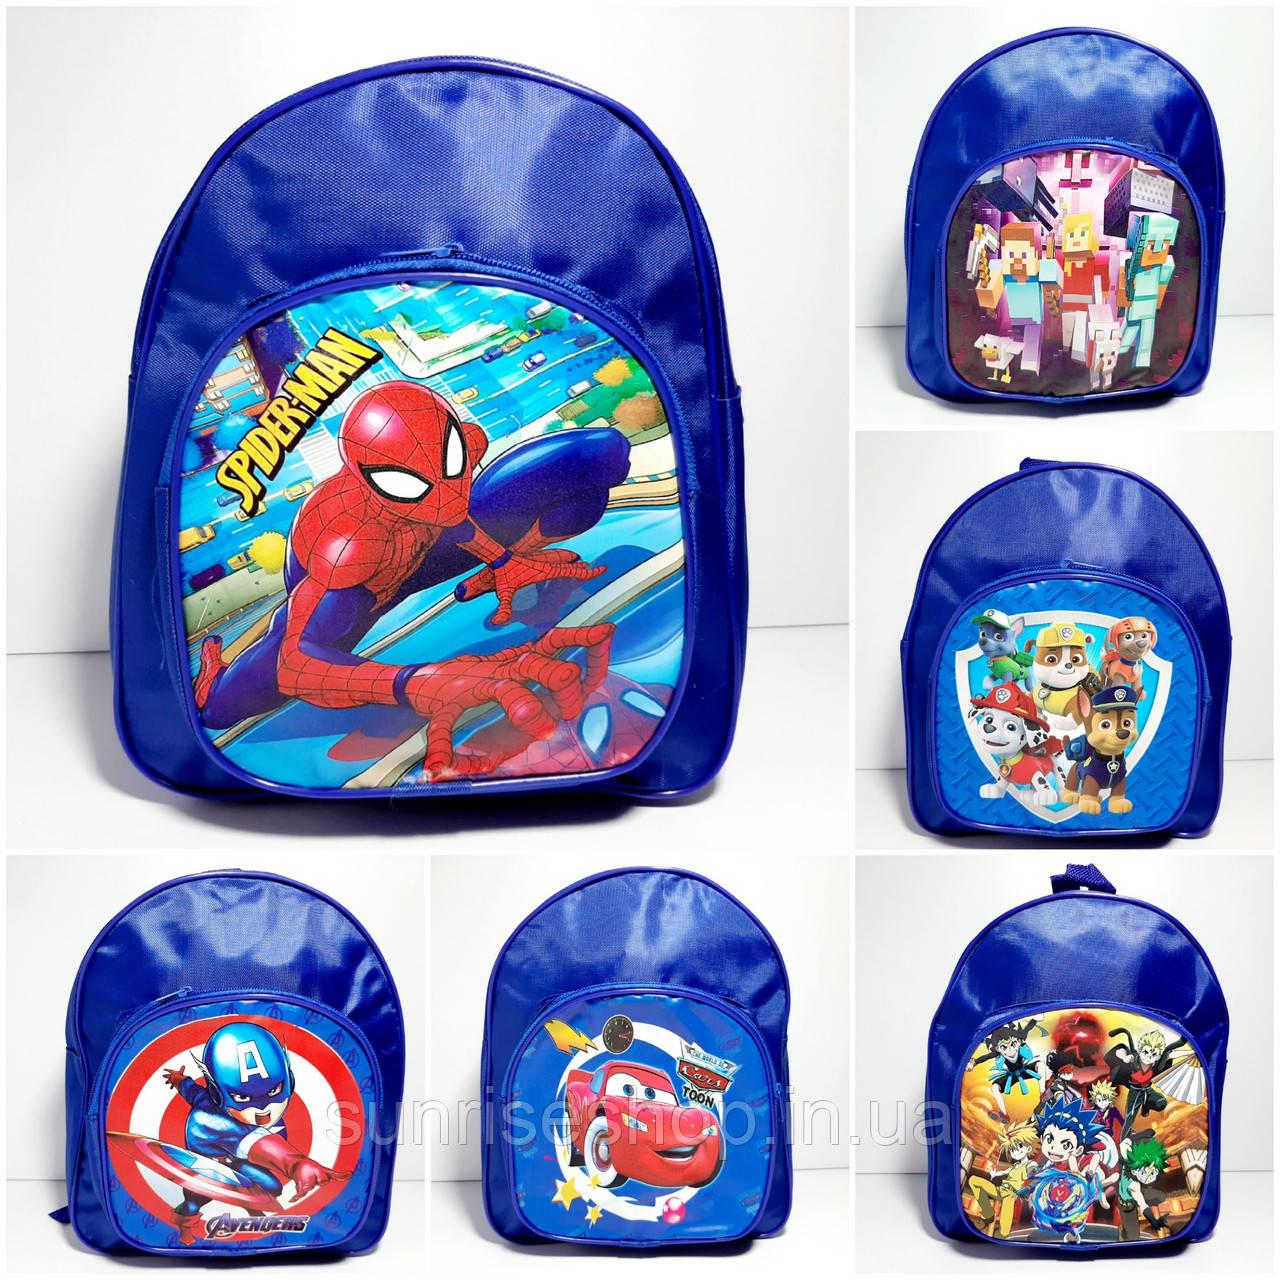 Рюкзак для мальчика Мультгерои купить оптом